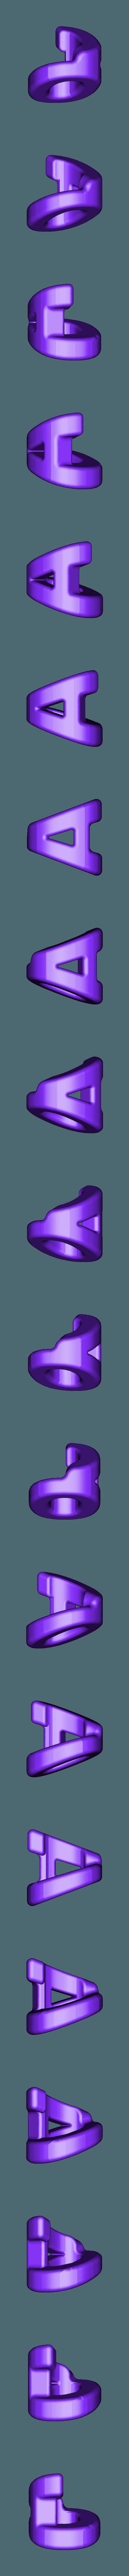 LoveHate_3D_optical_illusion_O-A.stl Télécharger fichier STL gratuit L'amour et la haine - illusion d'optique • Modèle pour impression 3D, fusefactory